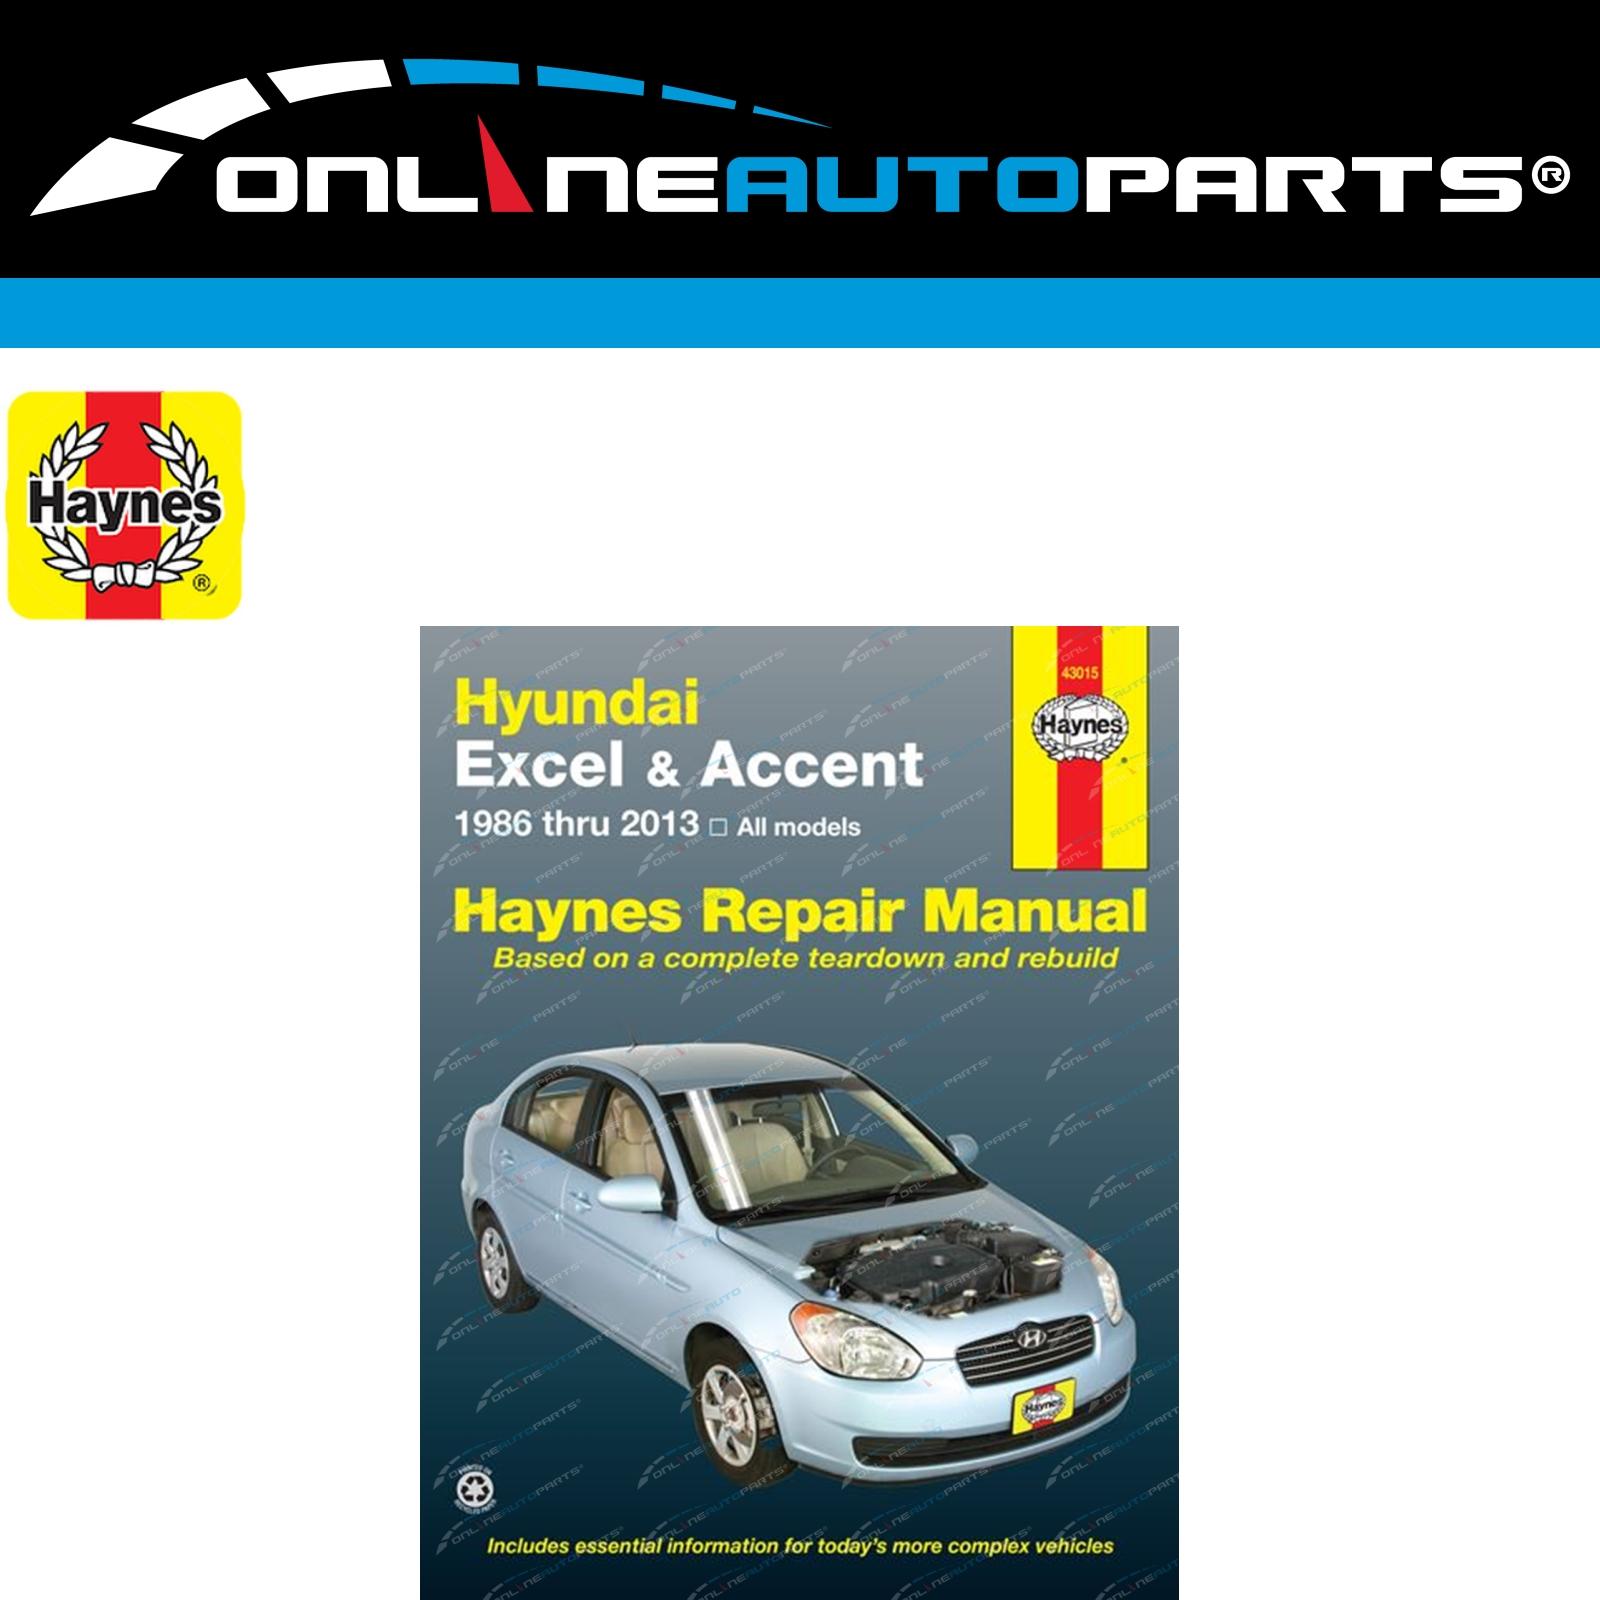 2002 Hyundai Accent Haynes Online Repair Manual-Select Access